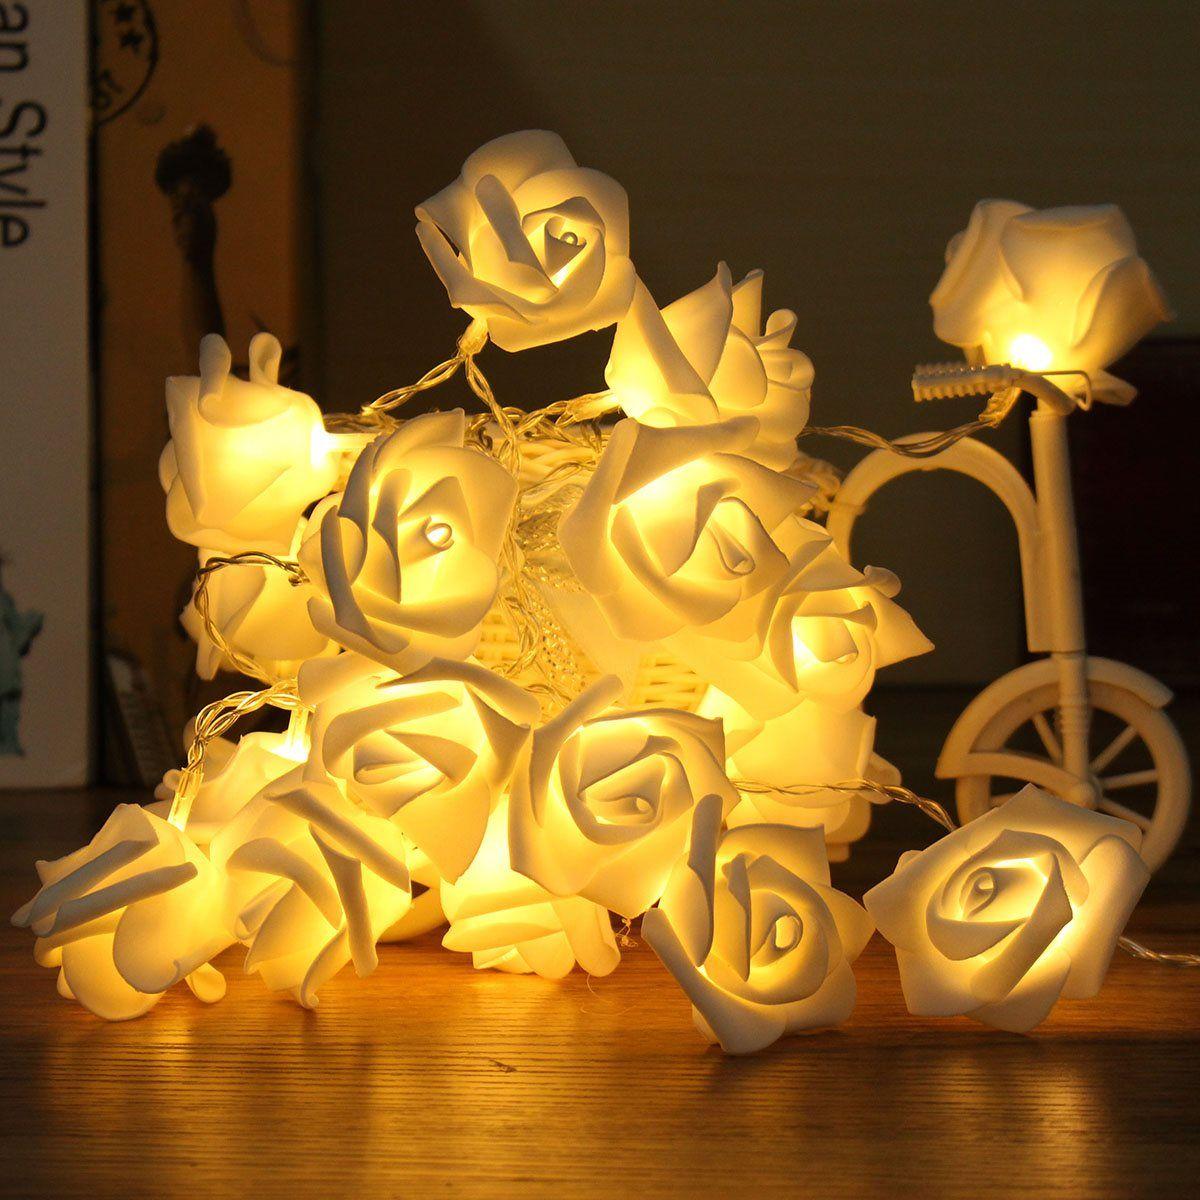 20 LED Fee Nicht Wasserdichte Bunte Rosen Blume LED Lichterketten Batterie Betrieben Außen Weihnachten Party Hochzeit Dekoration